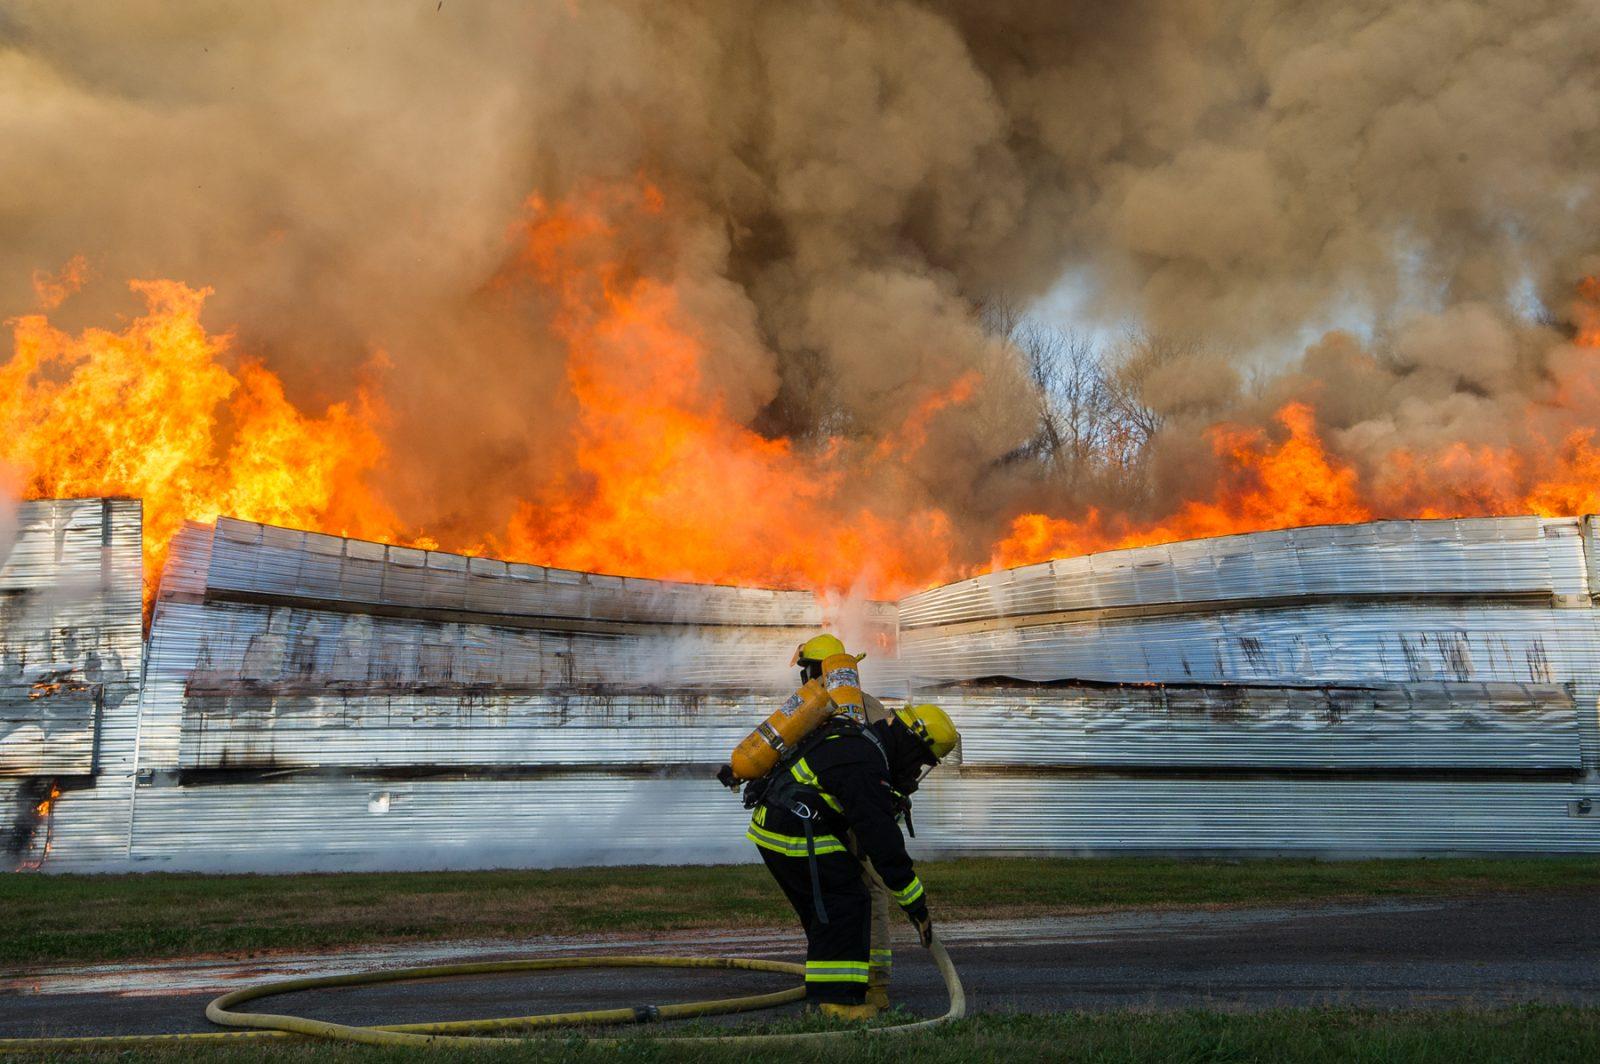 Des milliers de poules périssent dans un incendie (photos et vidéo)